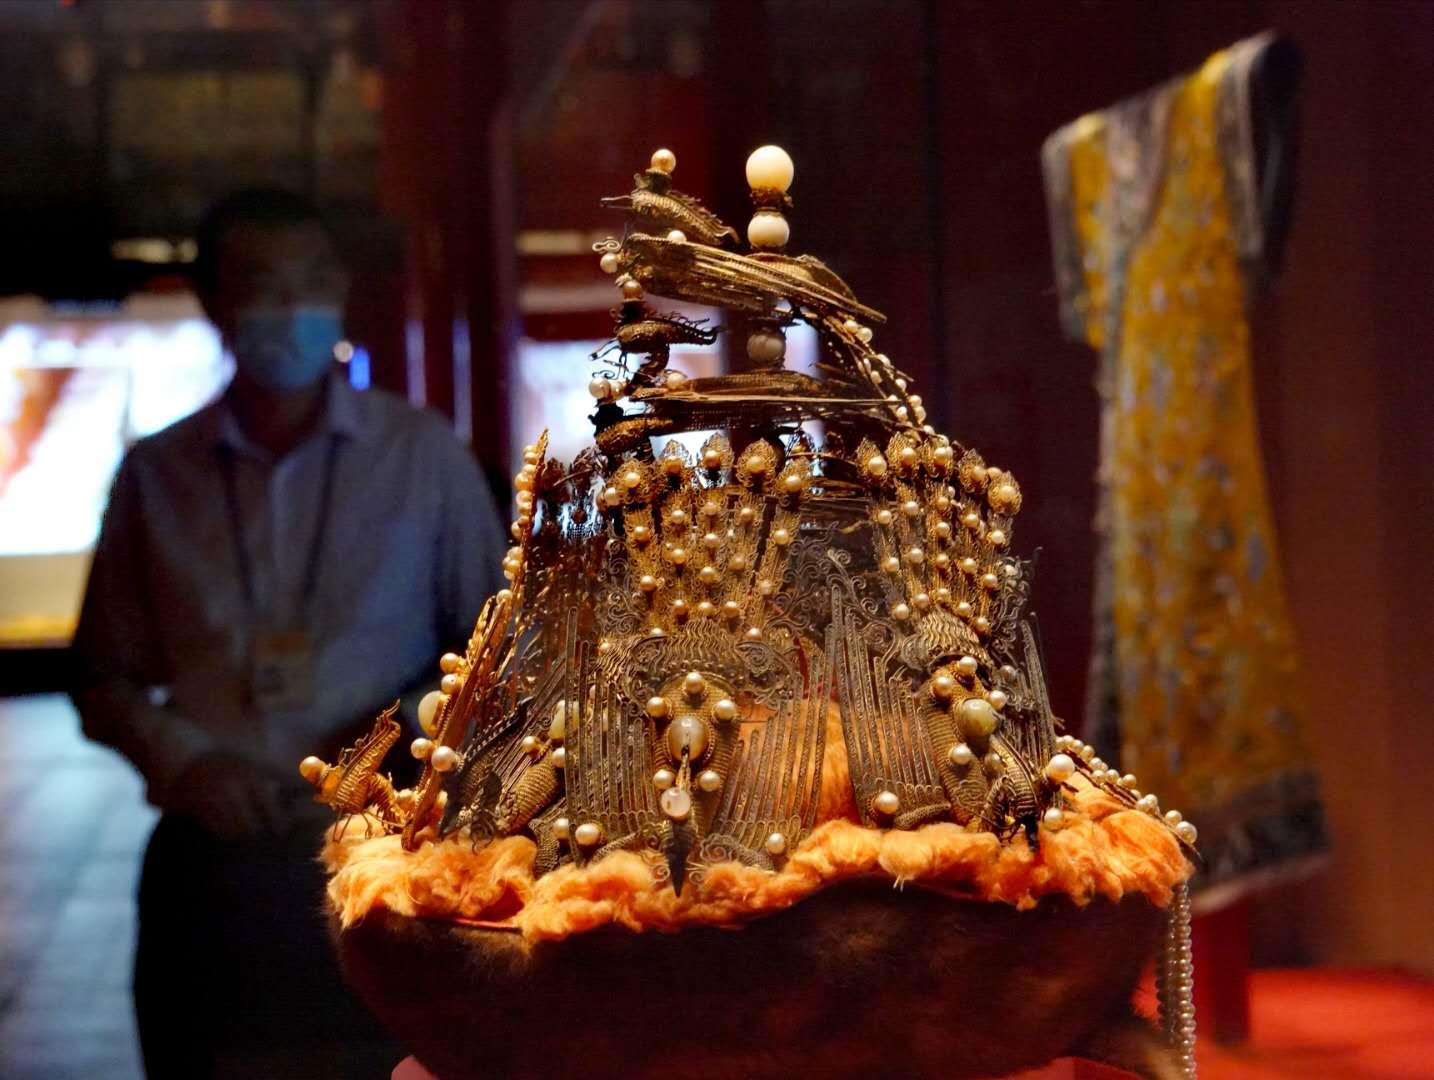 紫禁城建成六百年大展登场 深宫漆纱两百年来首展出_图1-5